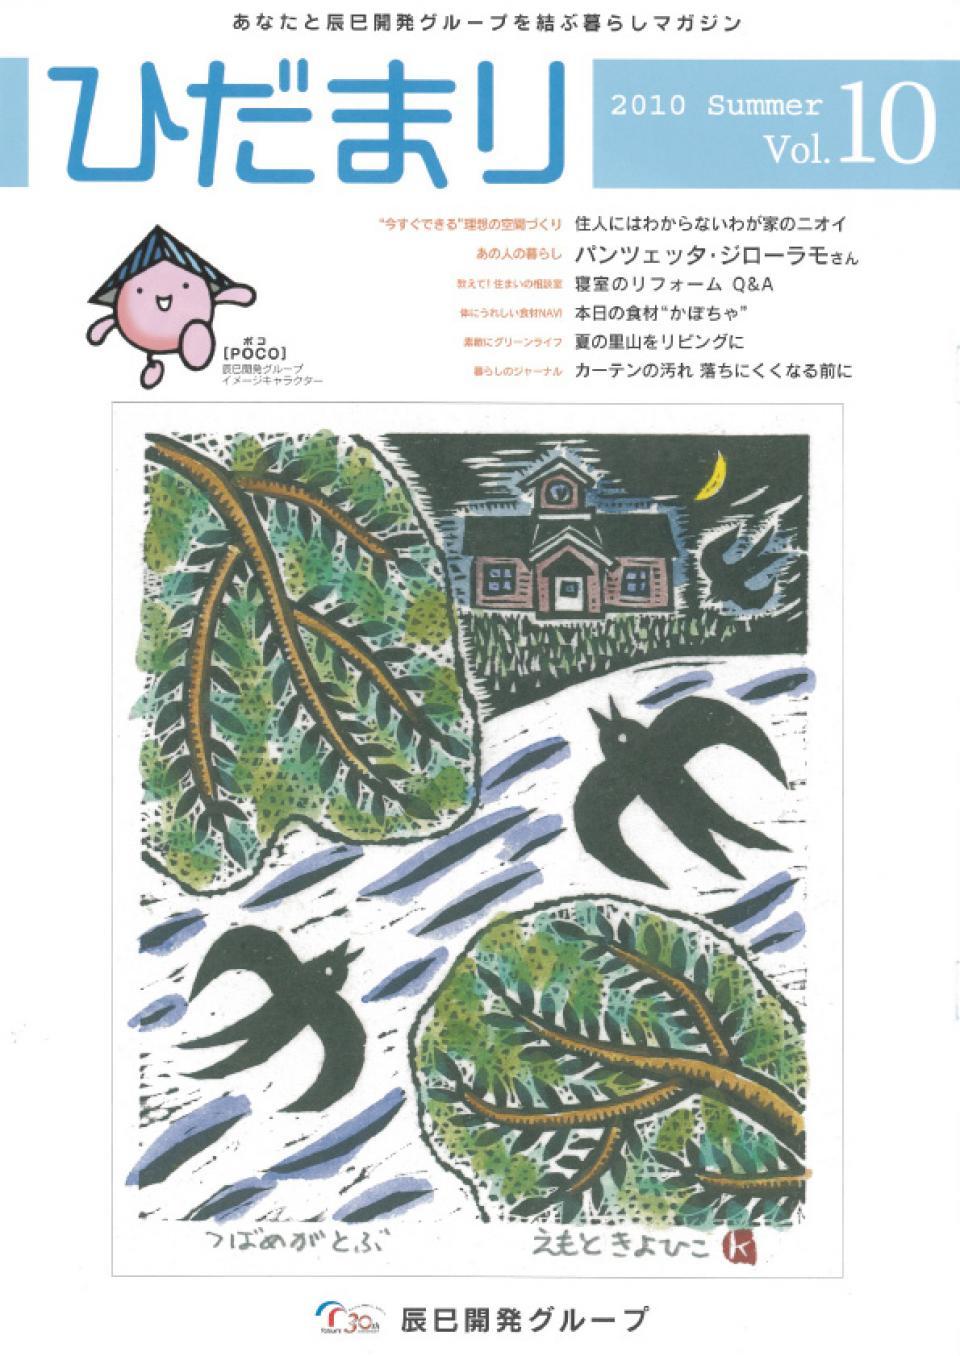 ひだまり 2010 Summer vol.10